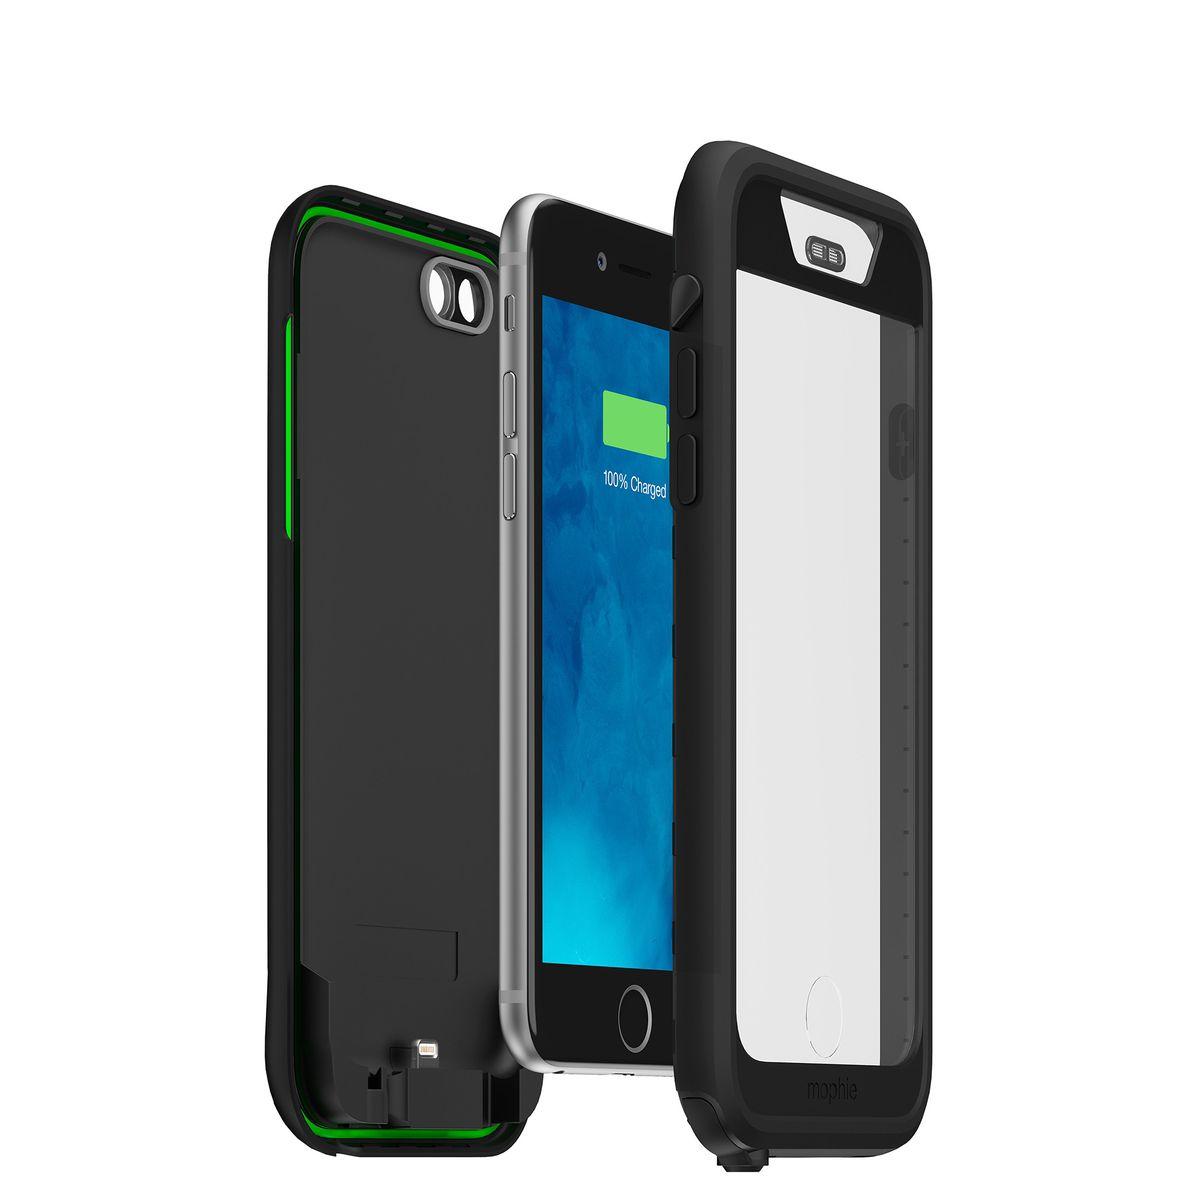 Mophie waterproof iphone case